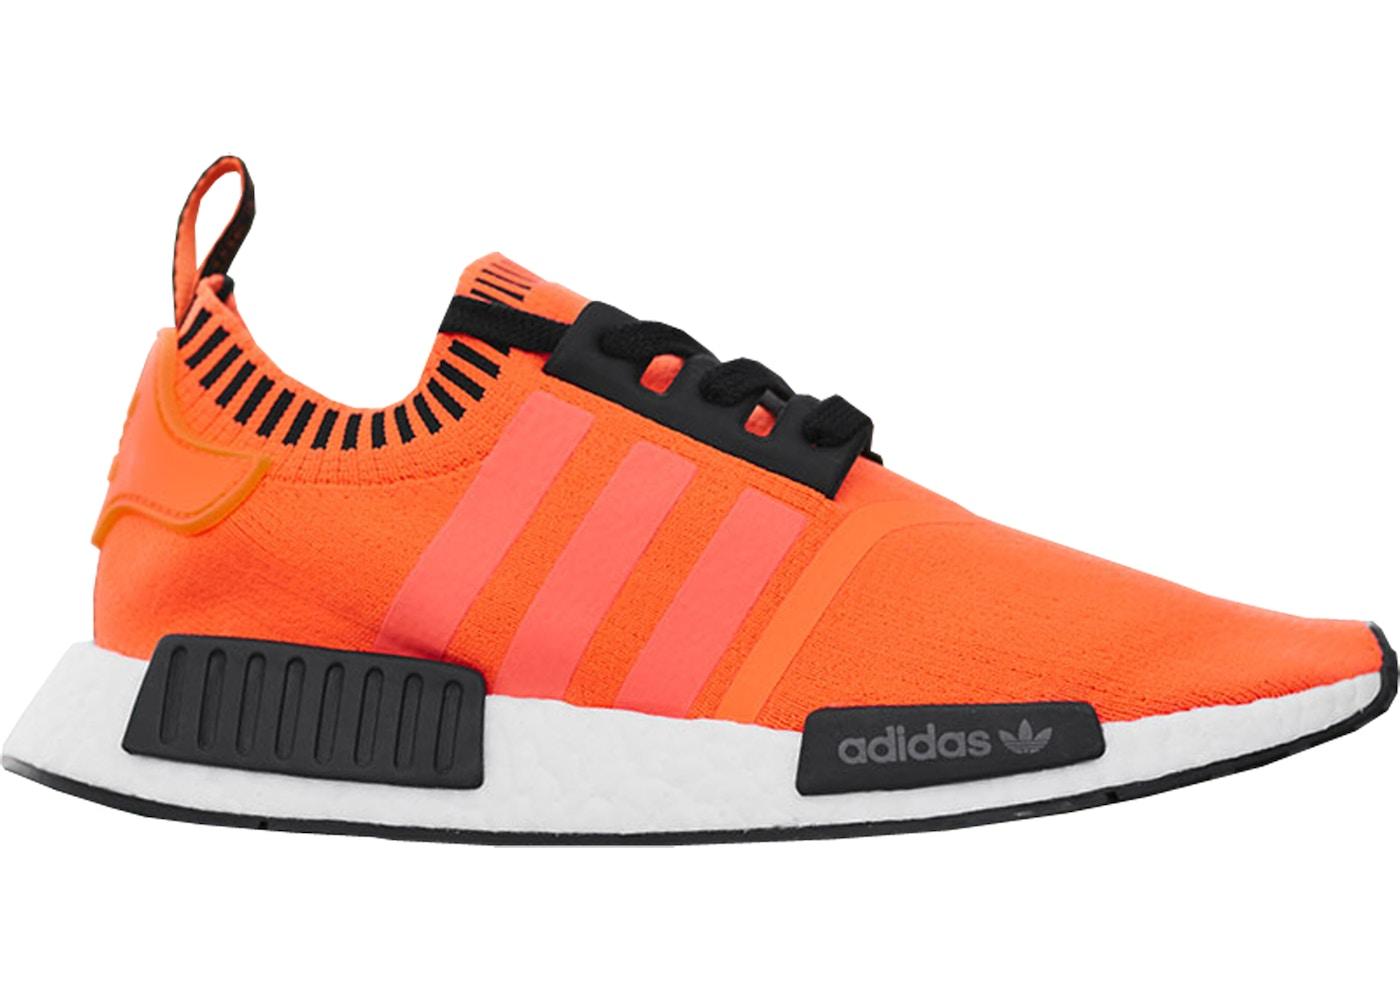 Nmd Ac8171 Orange Adidas Noise R1 1wd6vHq7